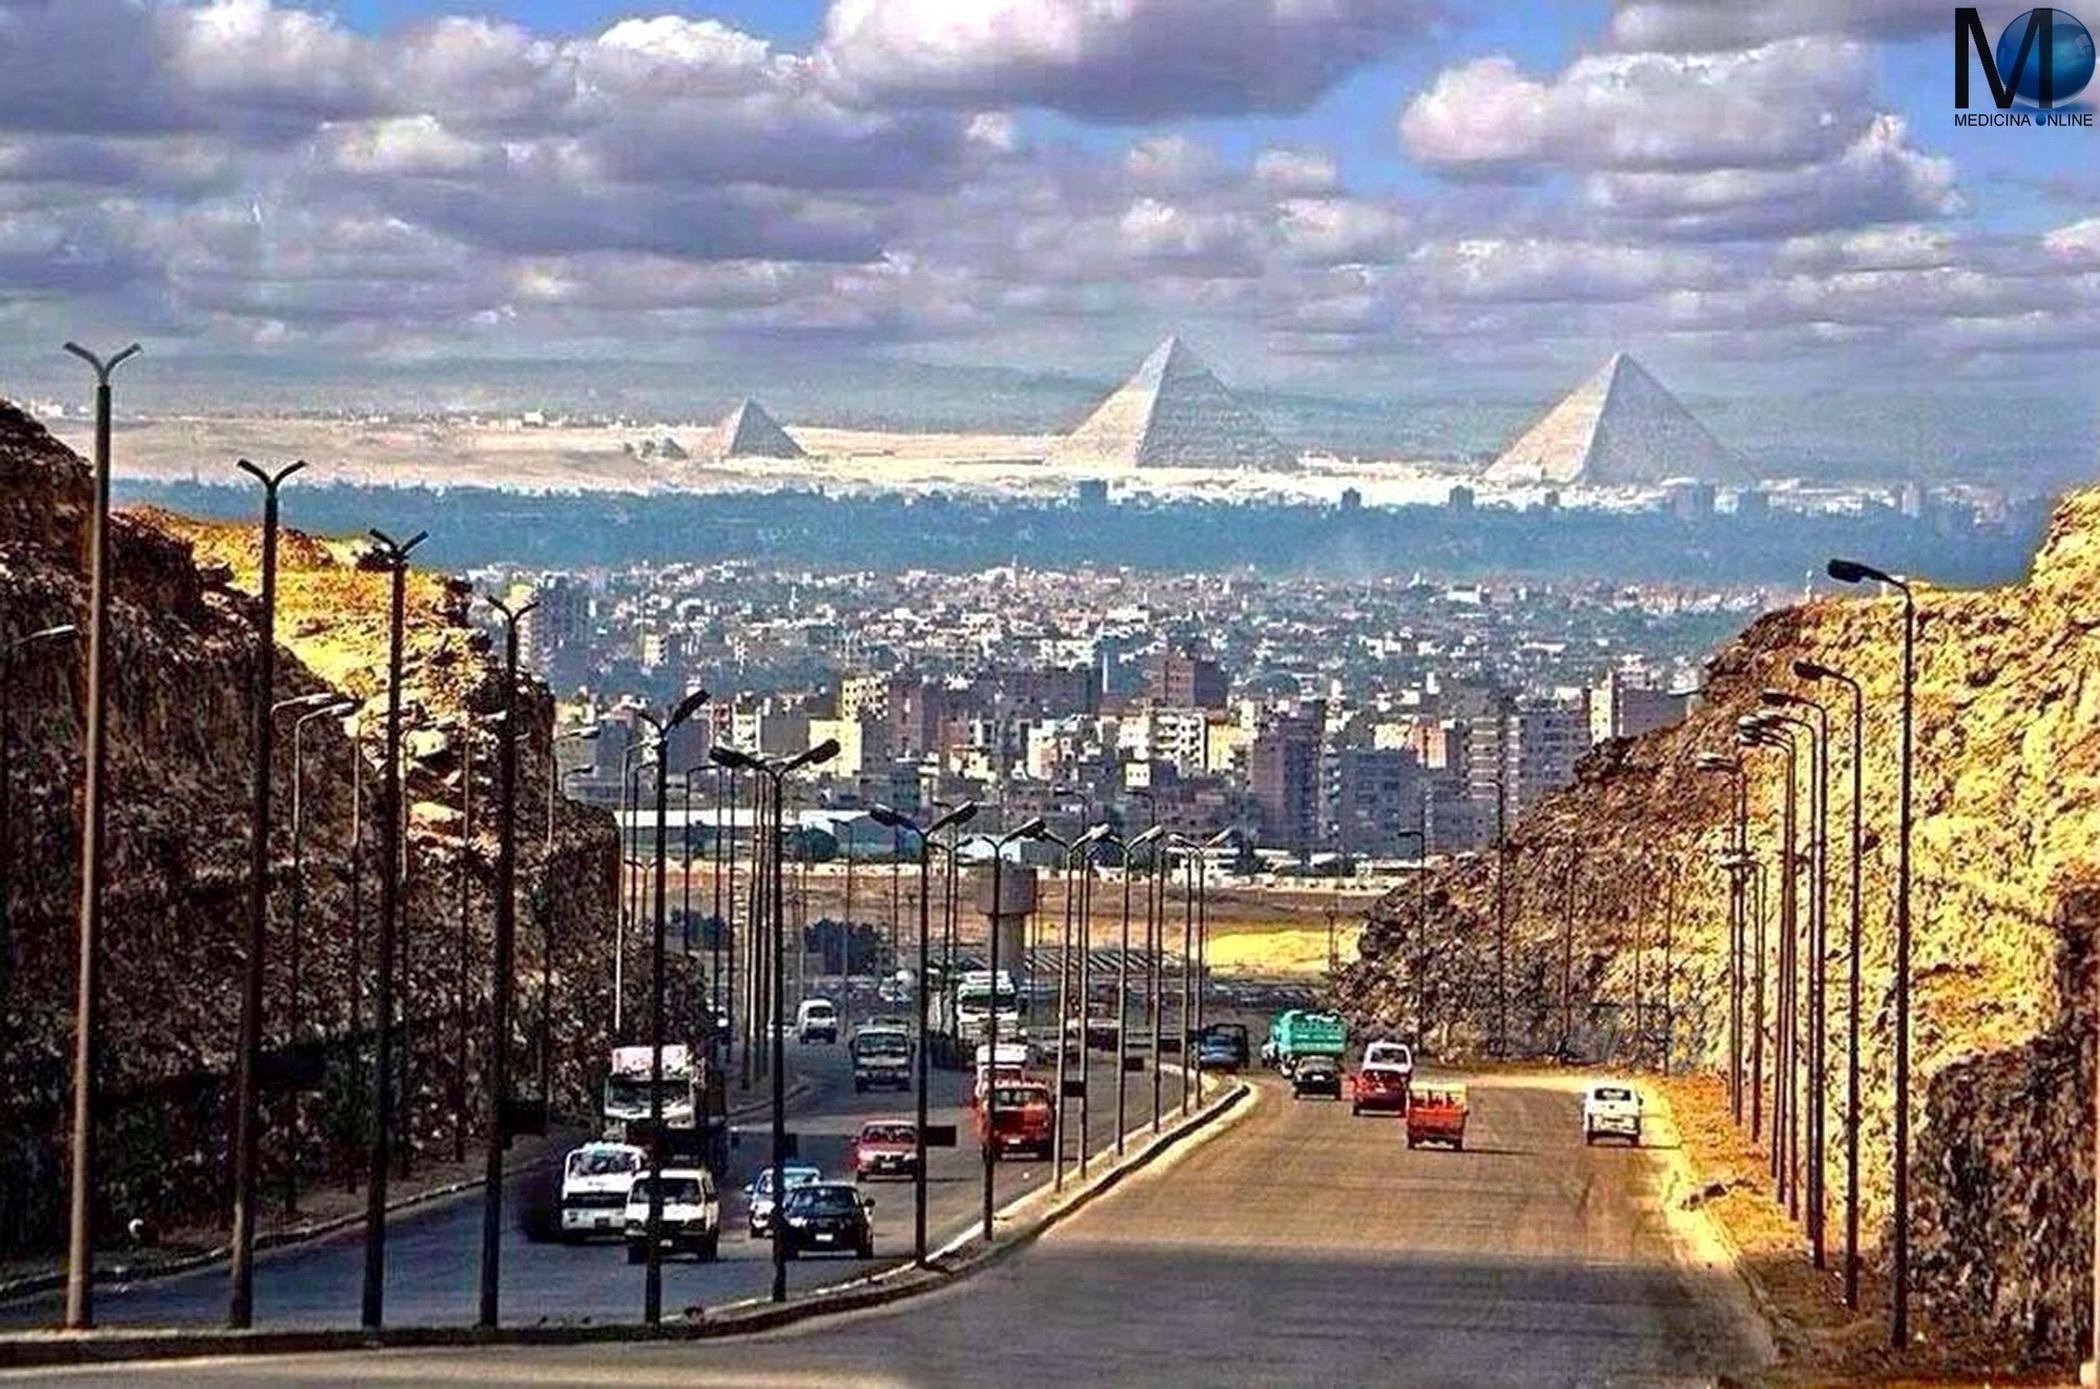 Egypt Pyramids Hd Wallpapers Egitto La Vista Da Sogno Sulle Piramidi Di Giza